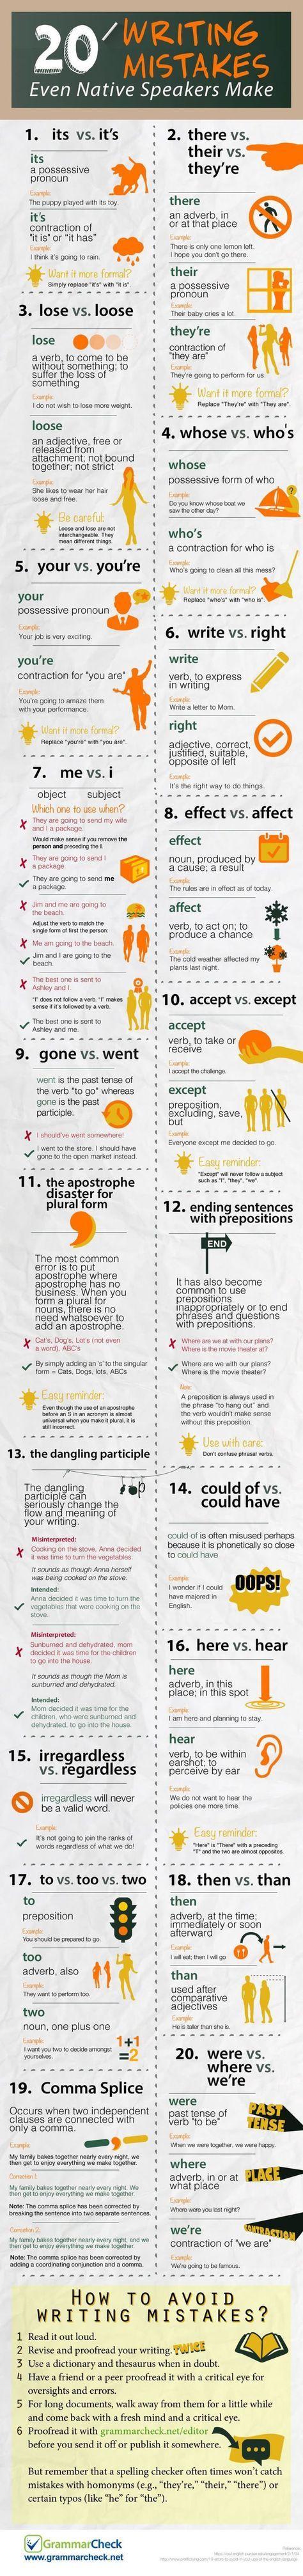 #infografik englische Rechtschreibfehler, die jeder mal macht